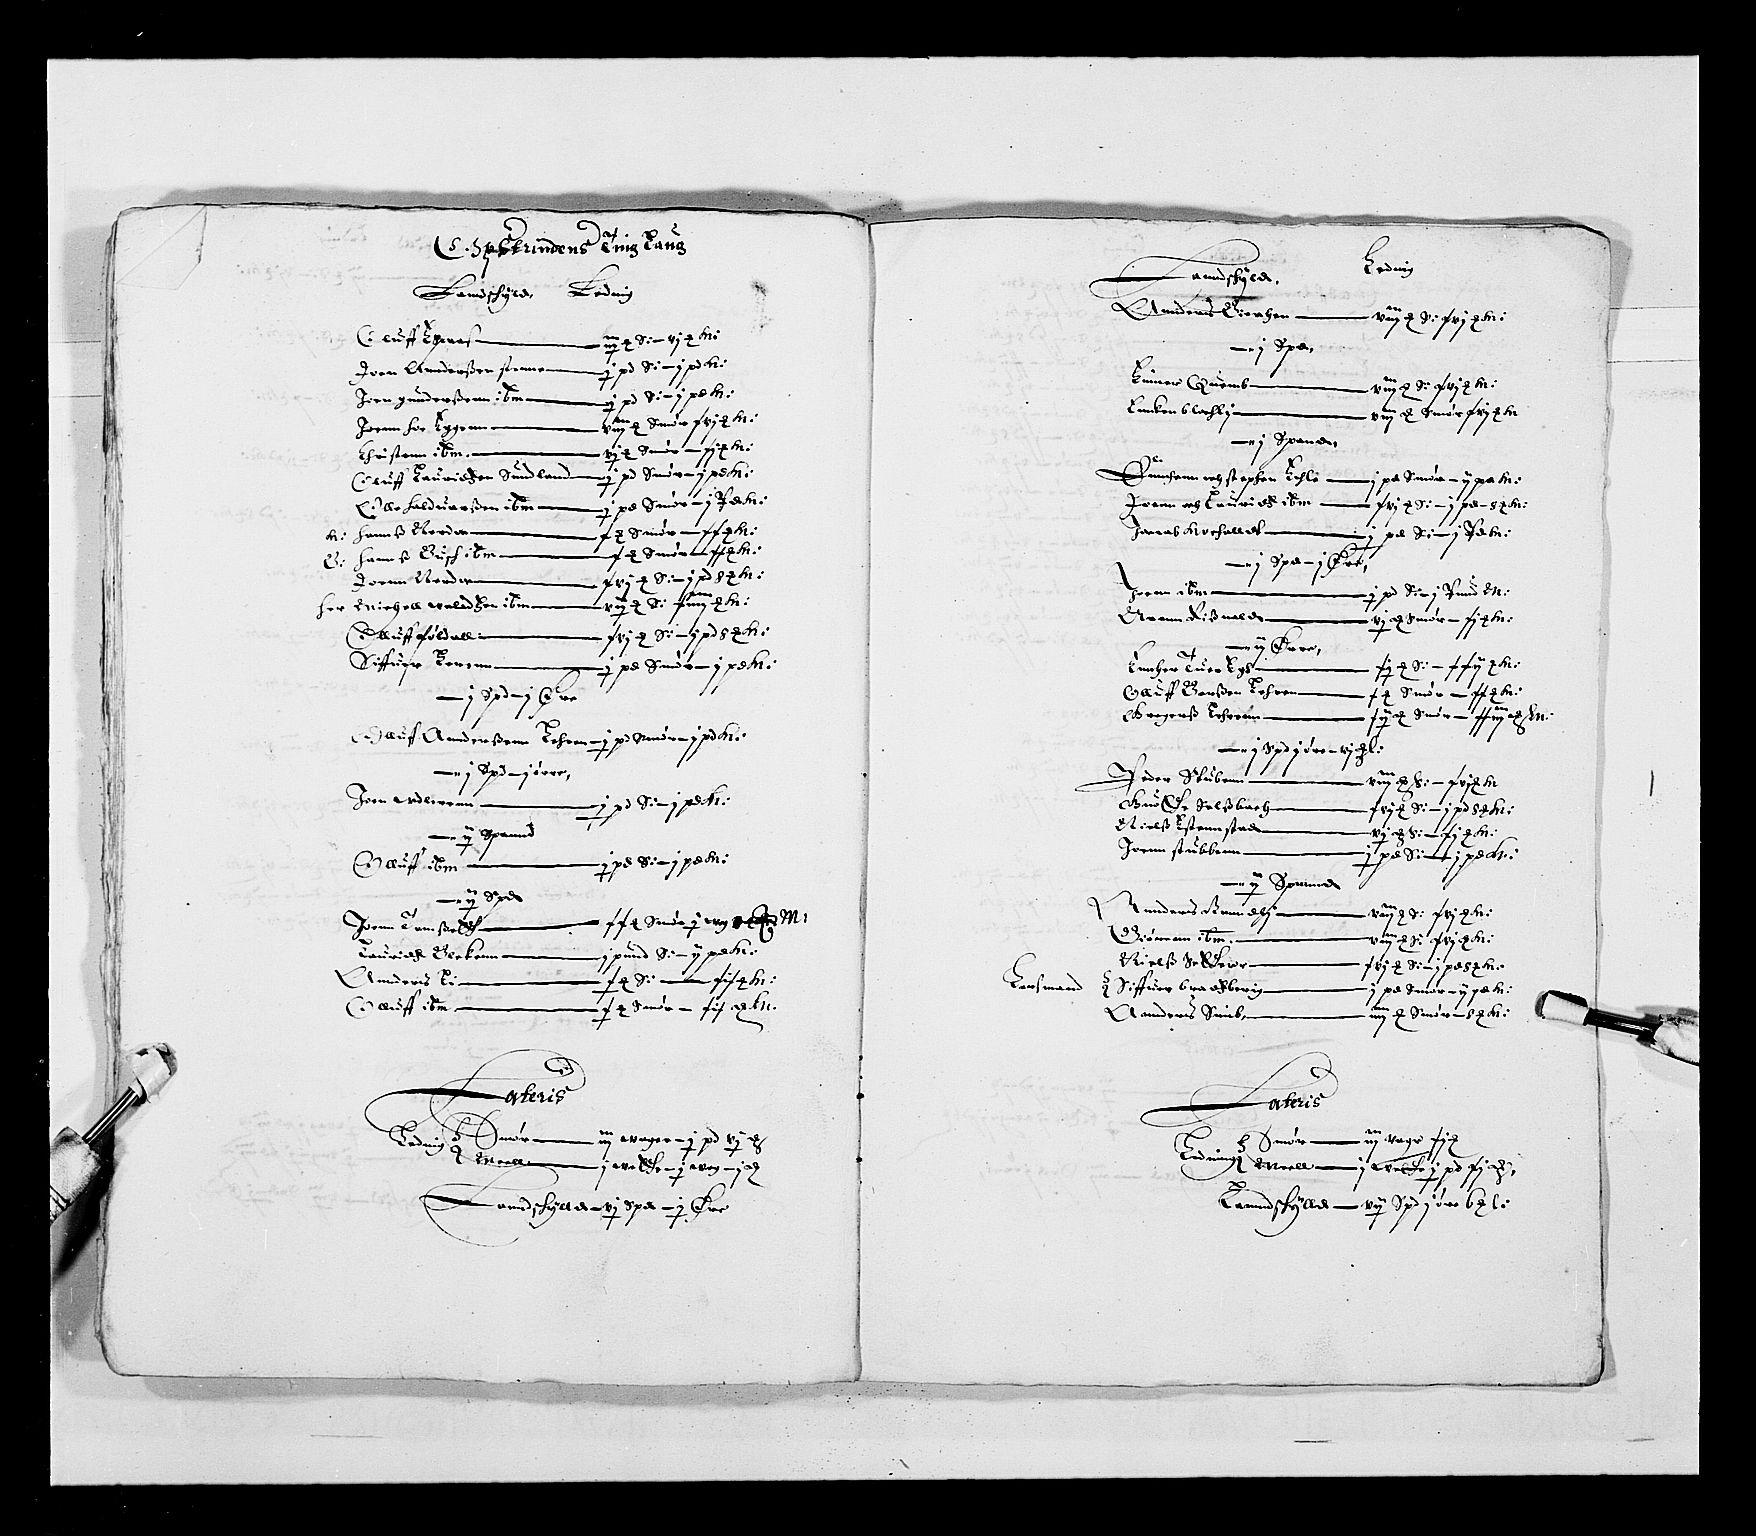 RA, Stattholderembetet 1572-1771, Ek/L0028: Jordebøker 1633-1658:, 1645-1646, s. 177